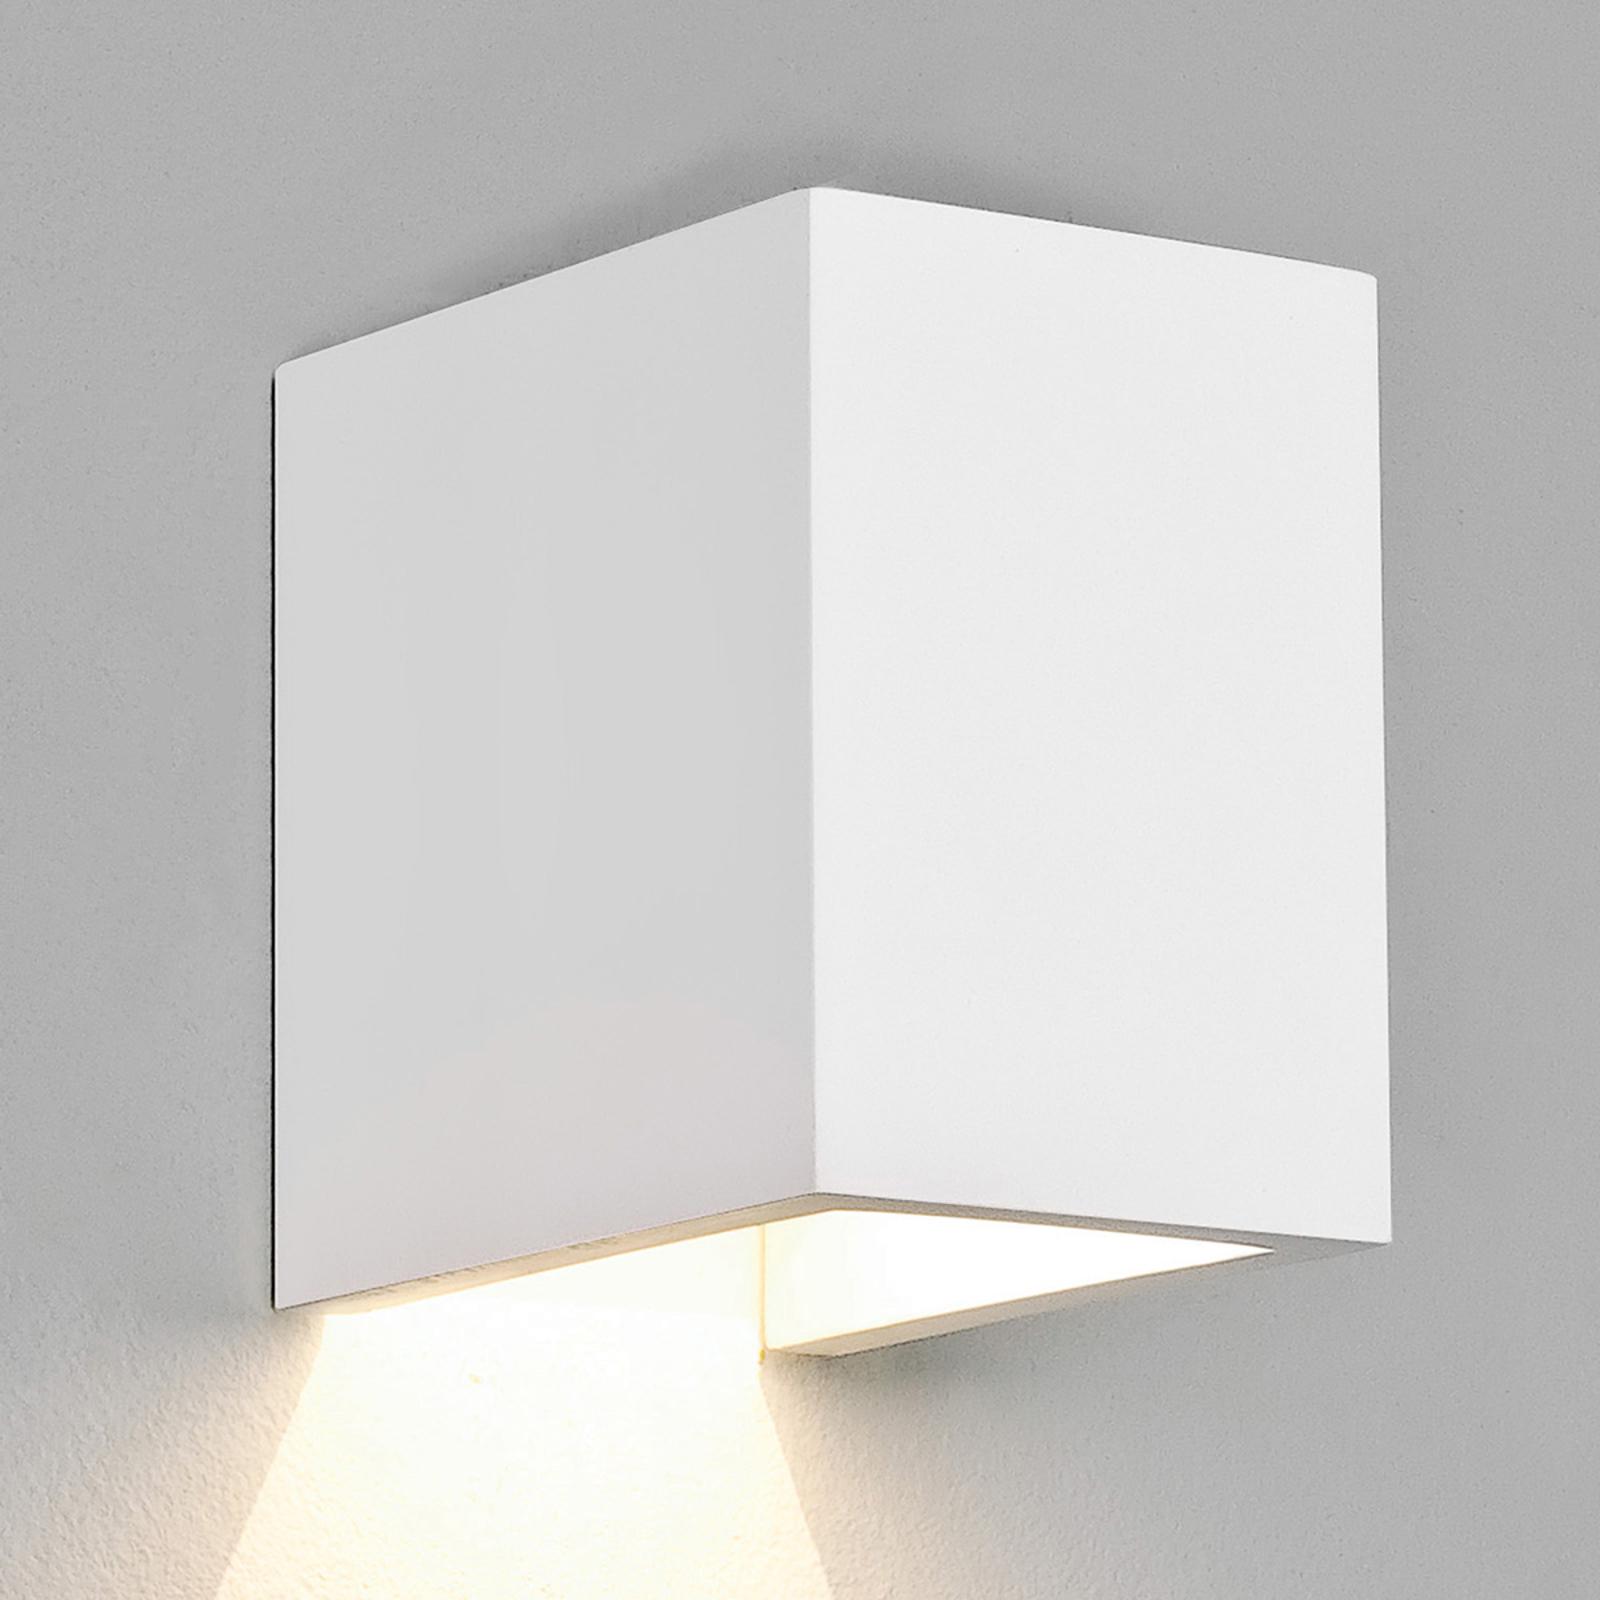 Astro Parma 100 applique LED en plâtre, 2700K